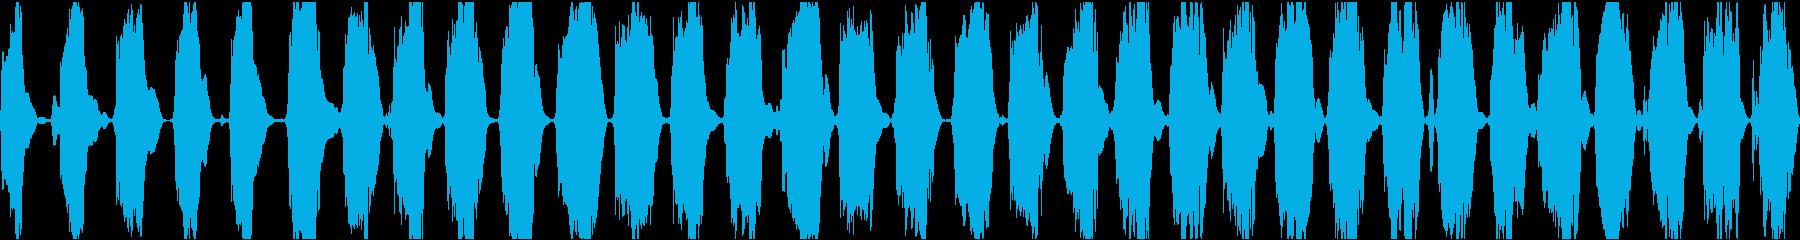 低ロボット歪みのバズトーンスペース...の再生済みの波形